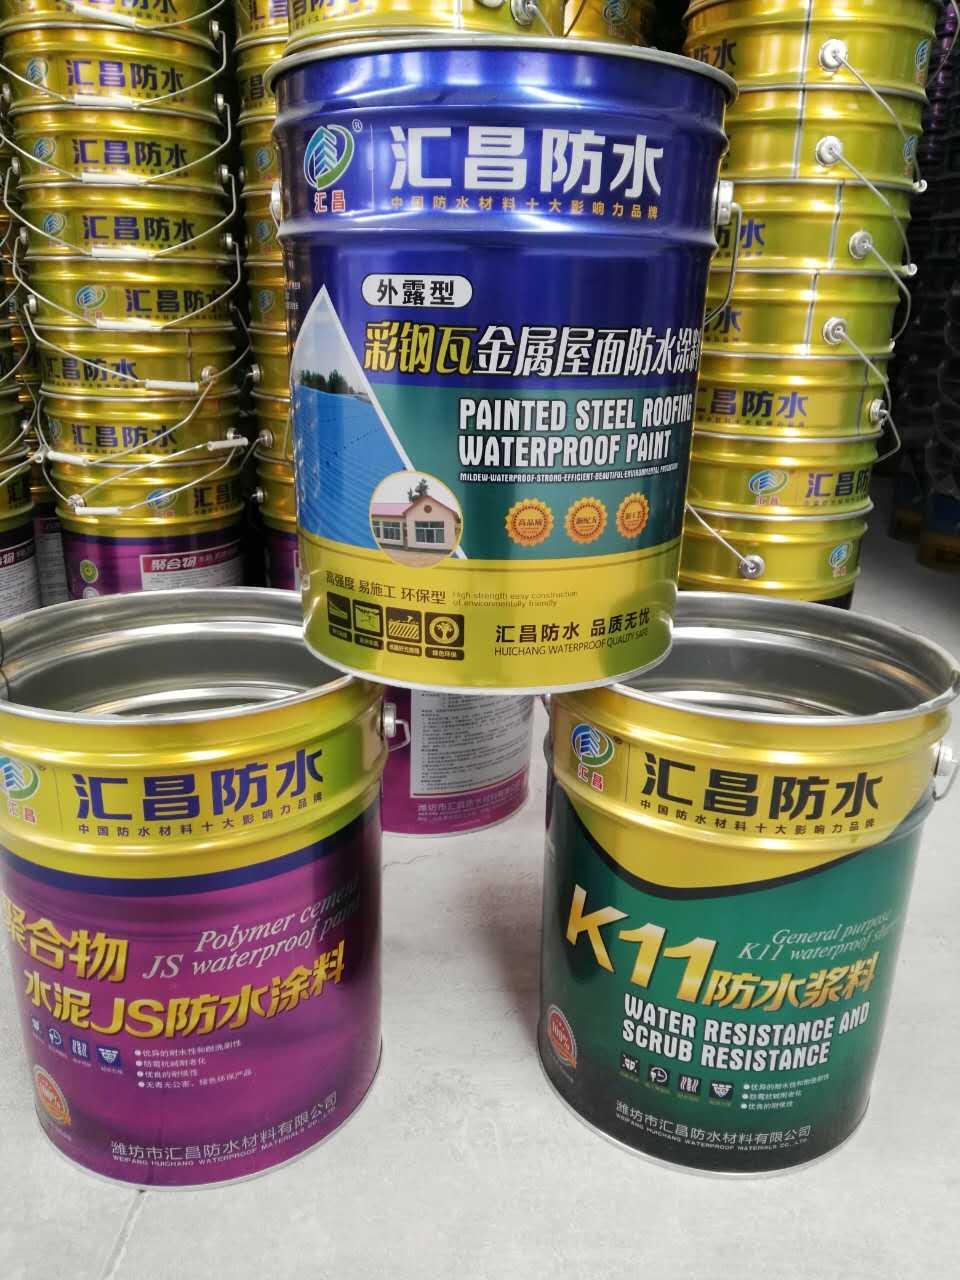 口碑好的屋顶专用防水涂料推荐_卫生间专用防水涂料厂家